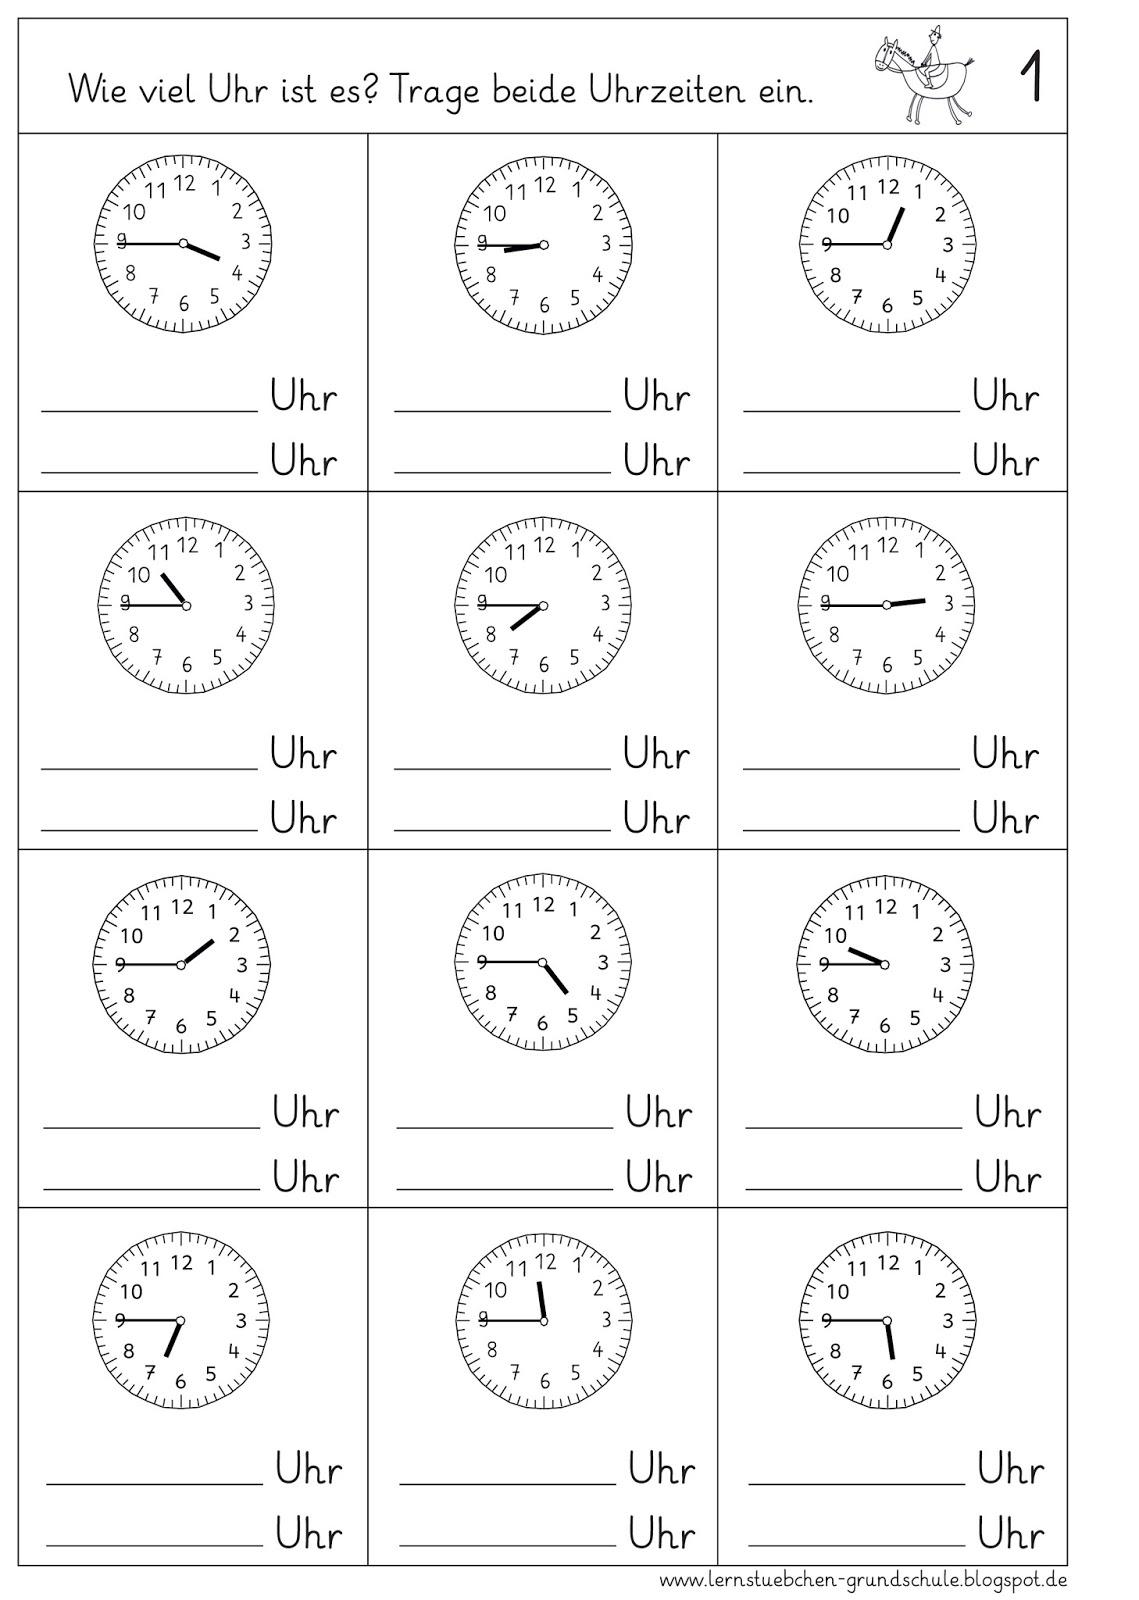 Lernstubchen Uhrzeiten Ablesen